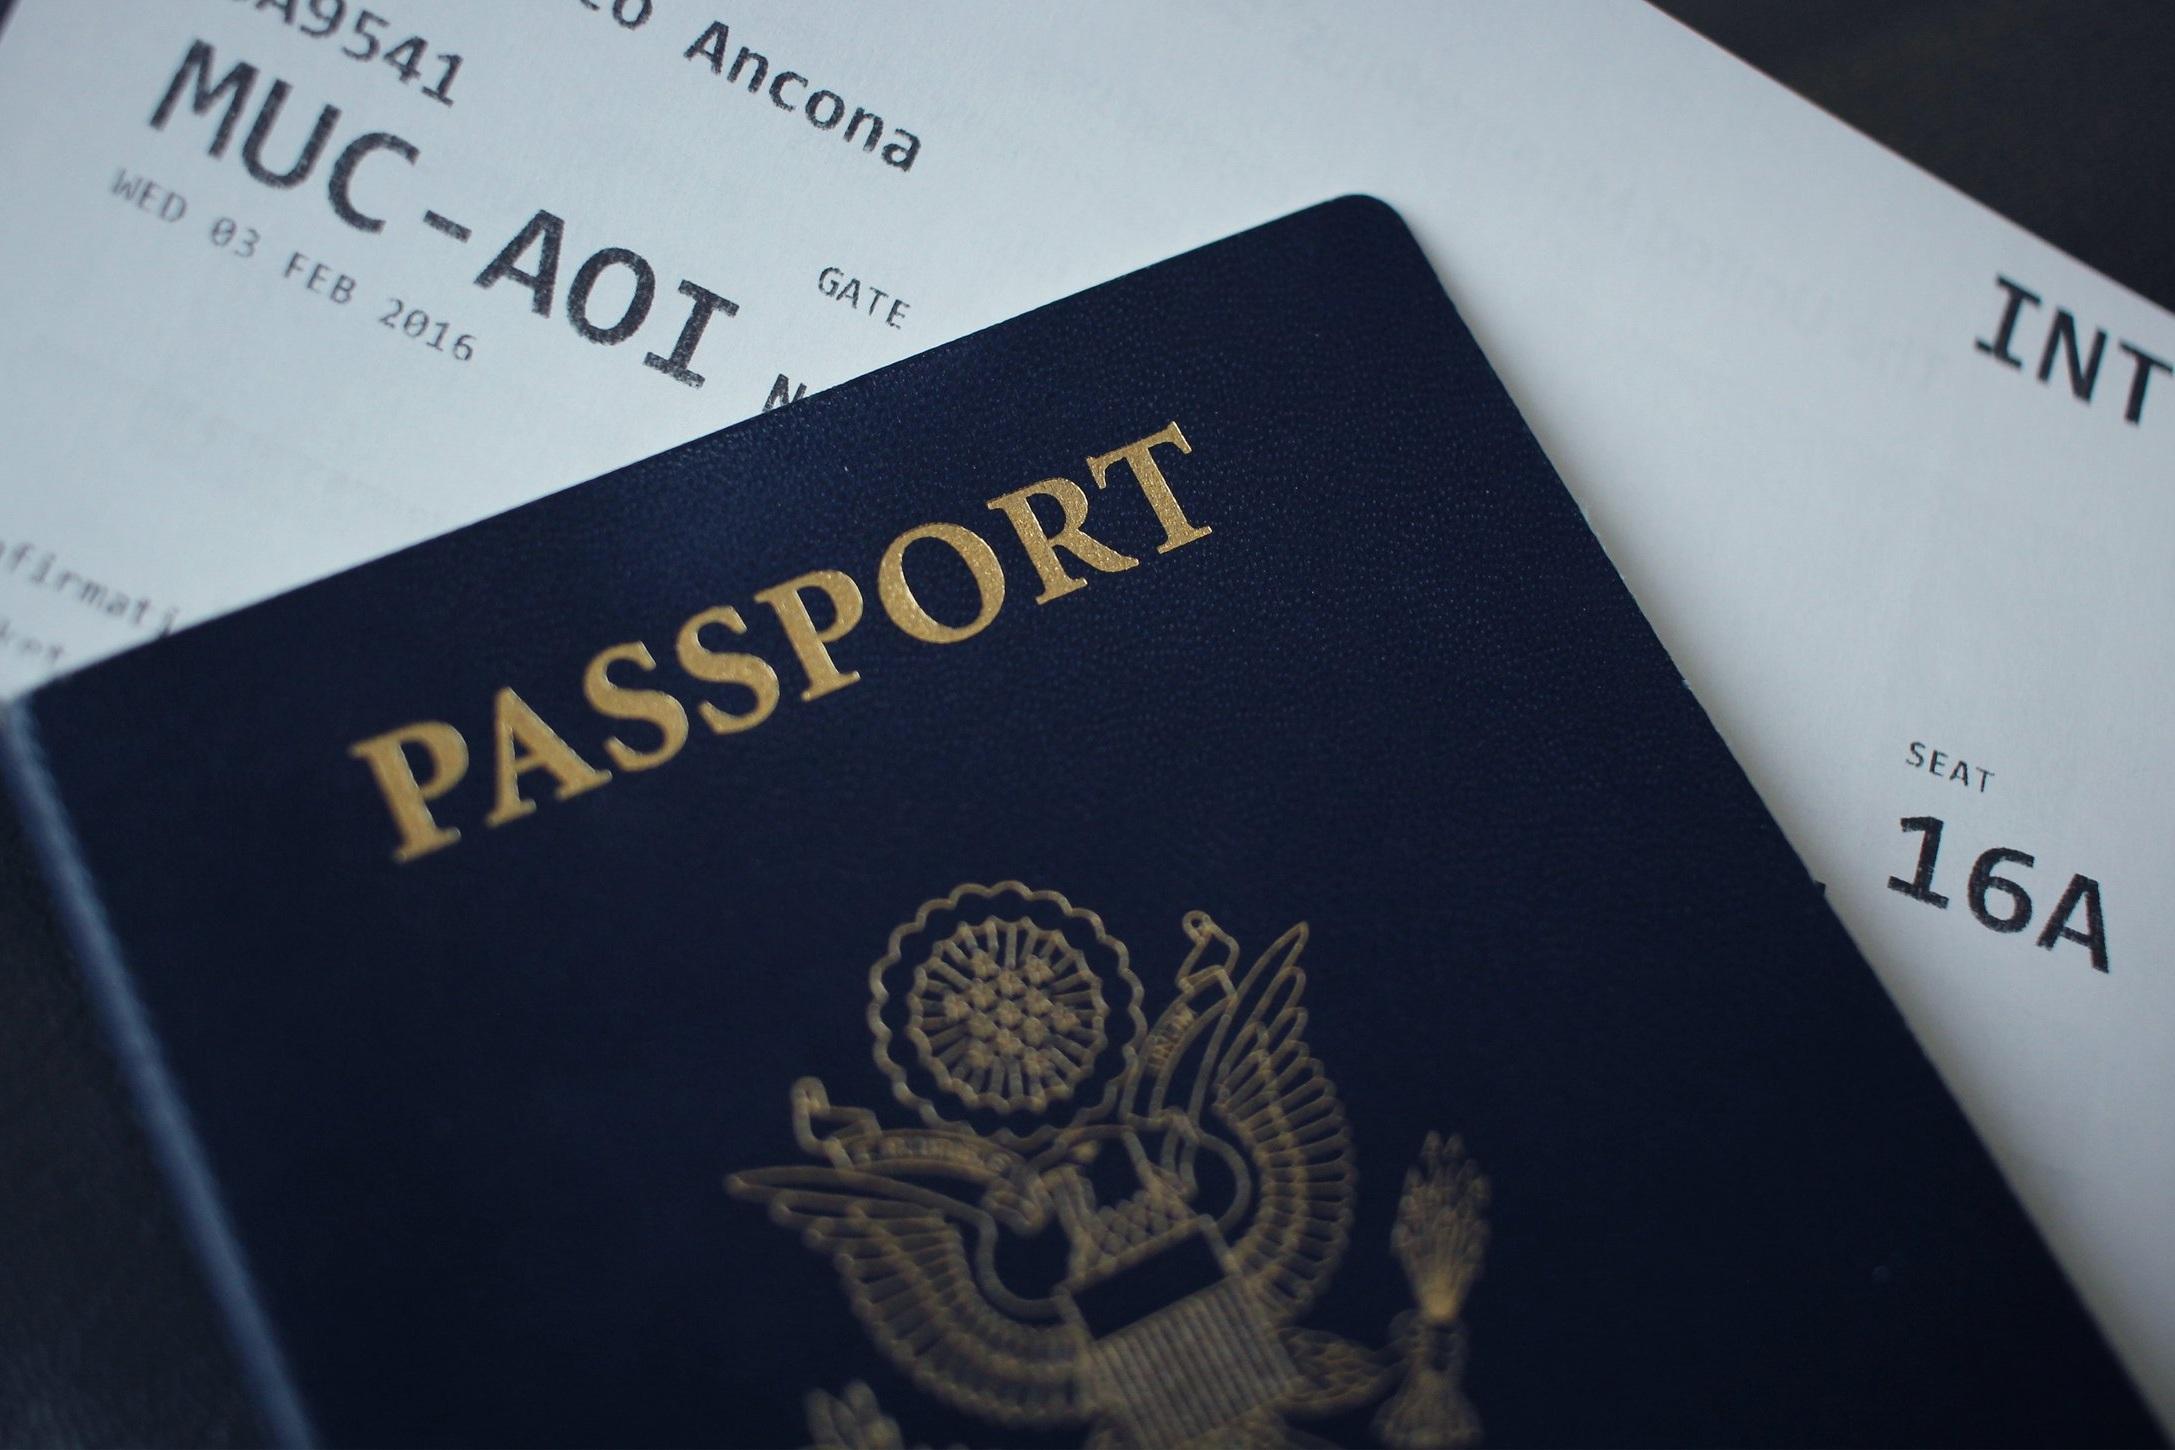 INFOS & GUIDE. - Informationen rund um die Reise und kleine Tipps fürs Reisen findest du in meinem Guide.